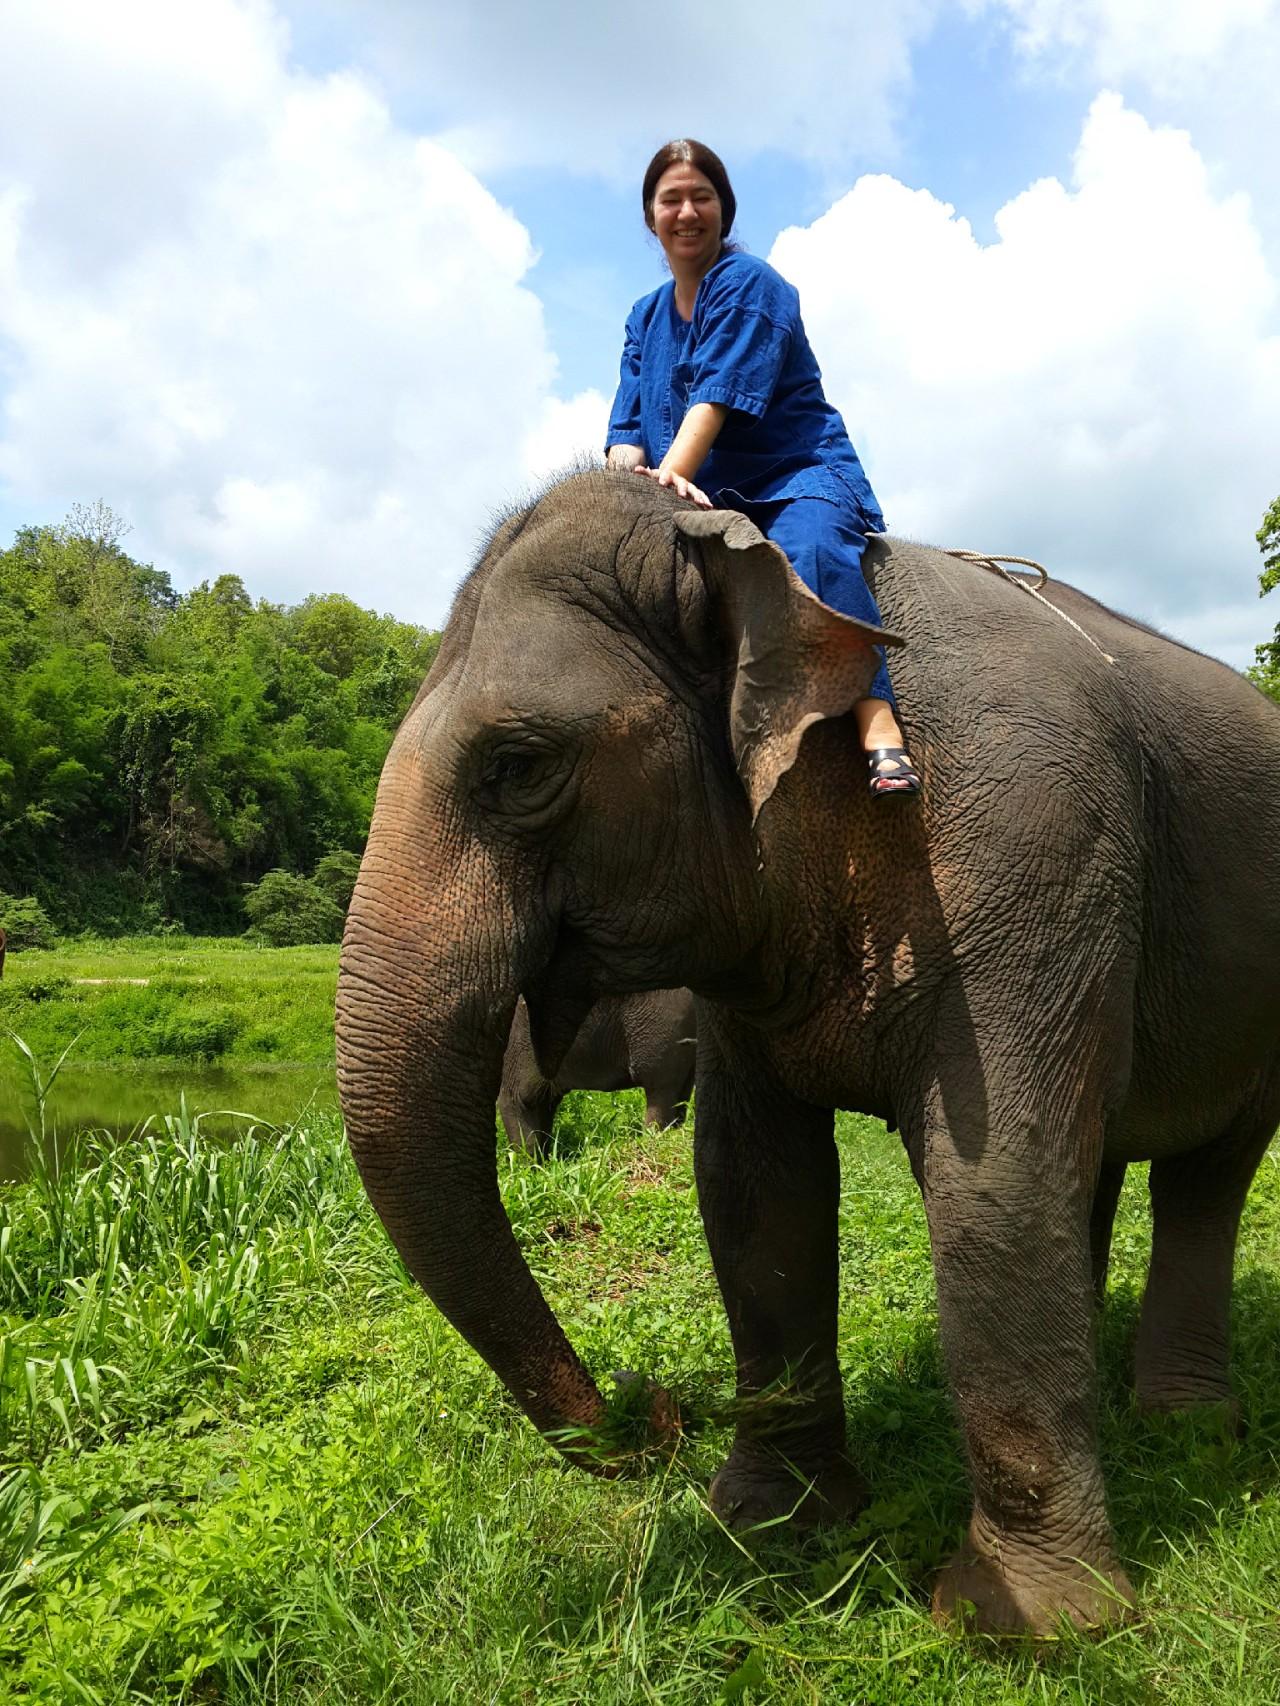 Thailande : Comment devenir gardien d'éléphant ?